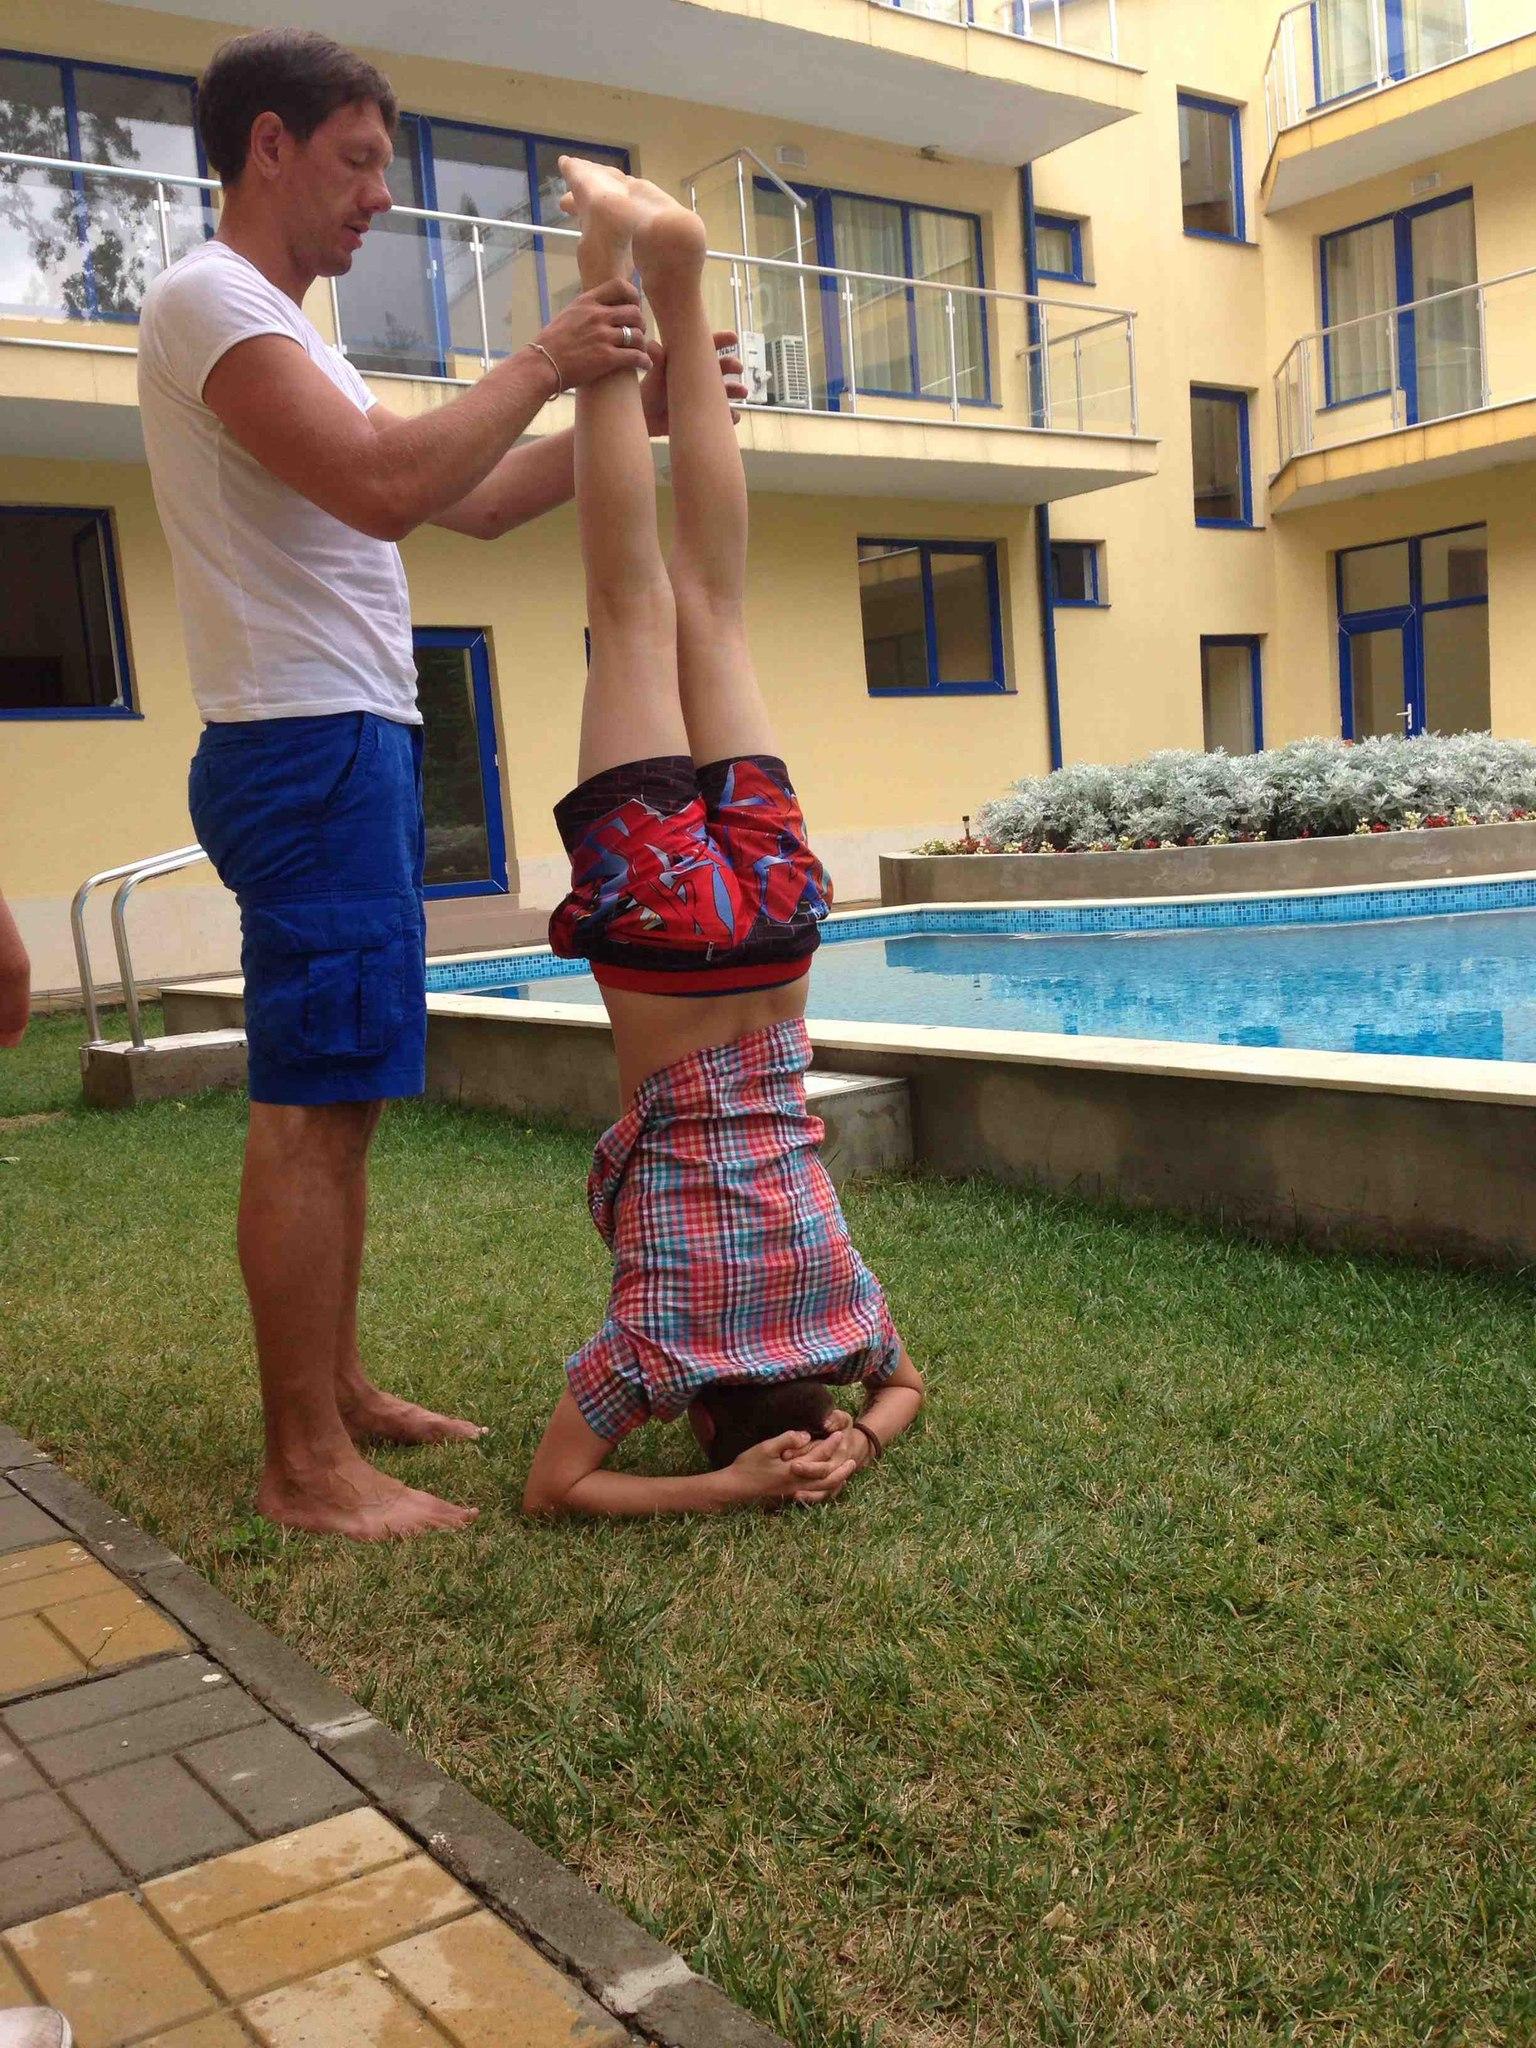 а еще я немного развлекал детей, и показывал им элементы из йоги :)))